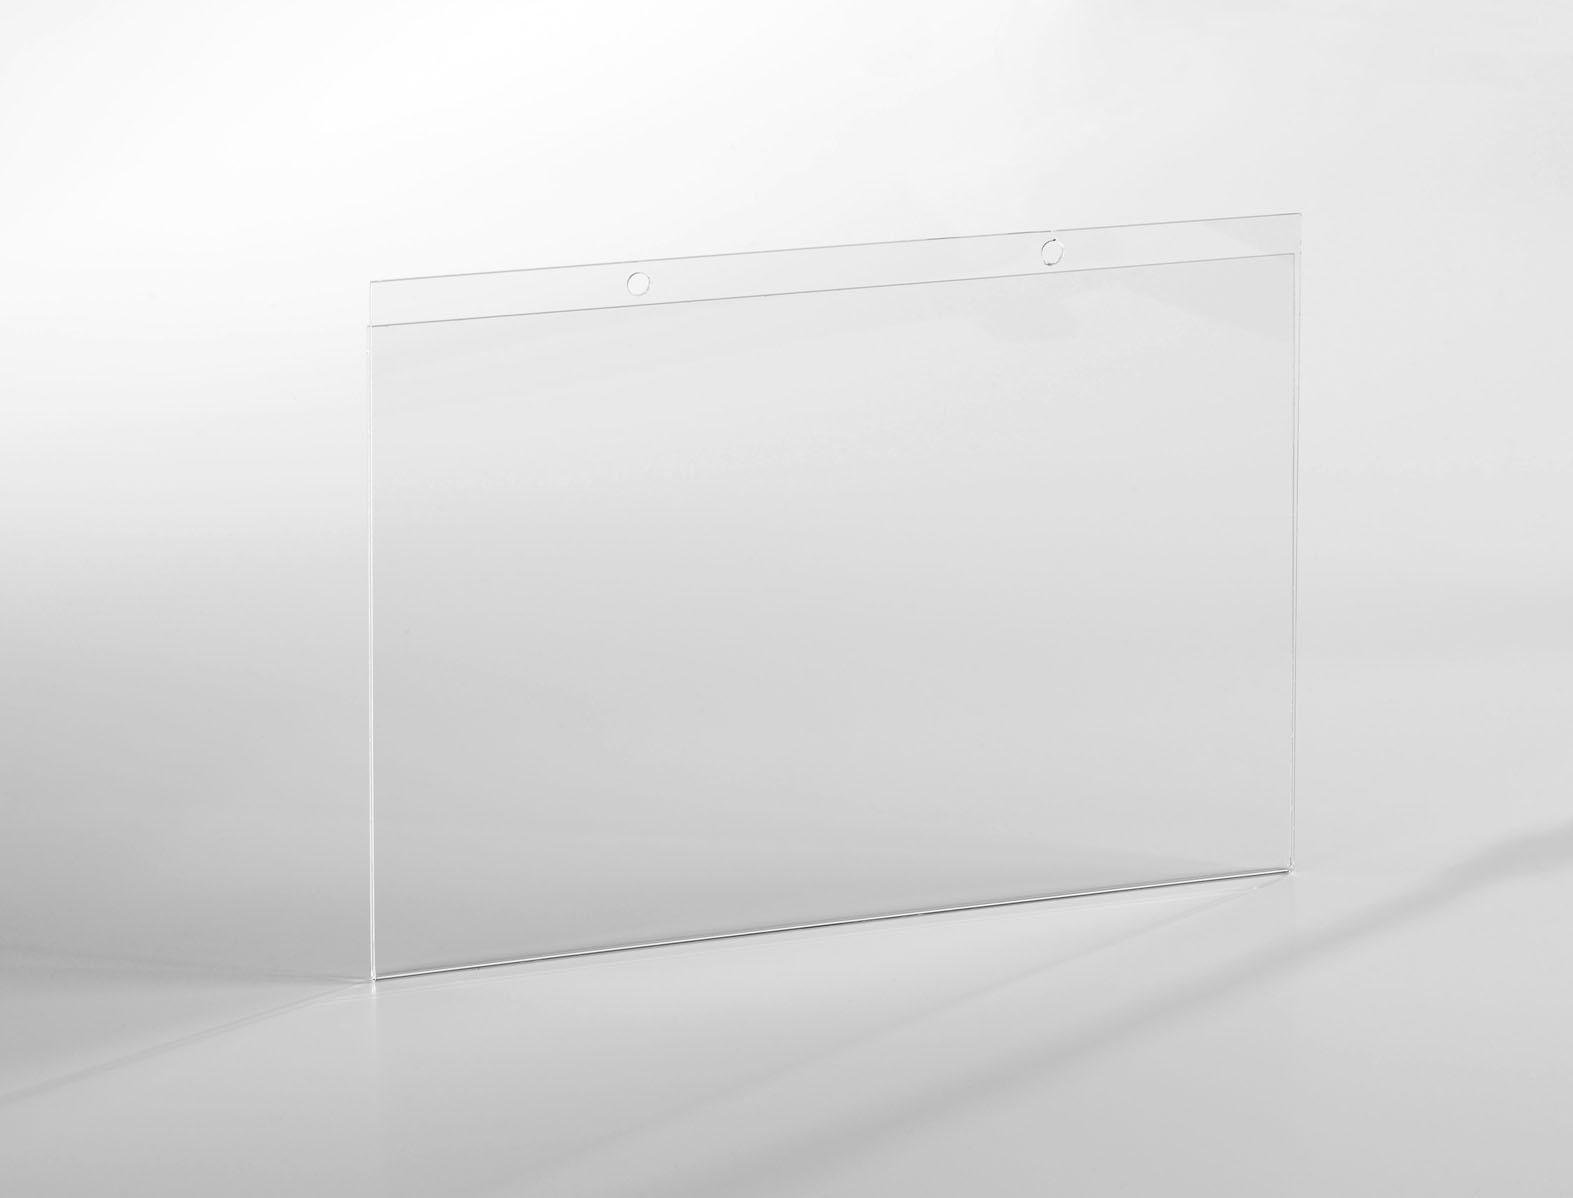 porte affichette a3 paysage fixation par vis en plexiglas pluxi fabricant plexiglas. Black Bedroom Furniture Sets. Home Design Ideas